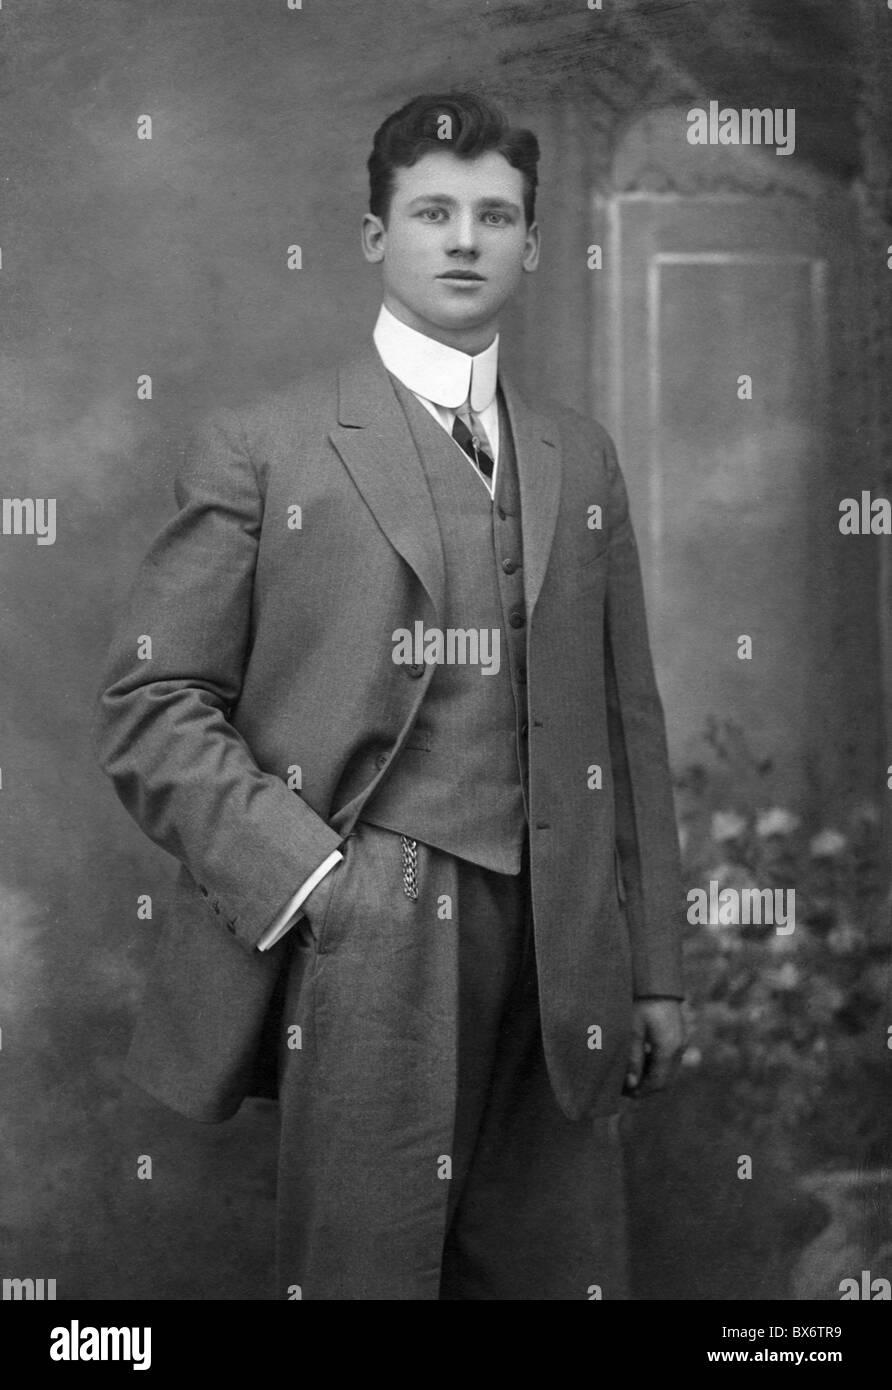 Fabuleux Les gens, hommes, portrait / demi-longueur 1900 - 1930, jeune @LO_59